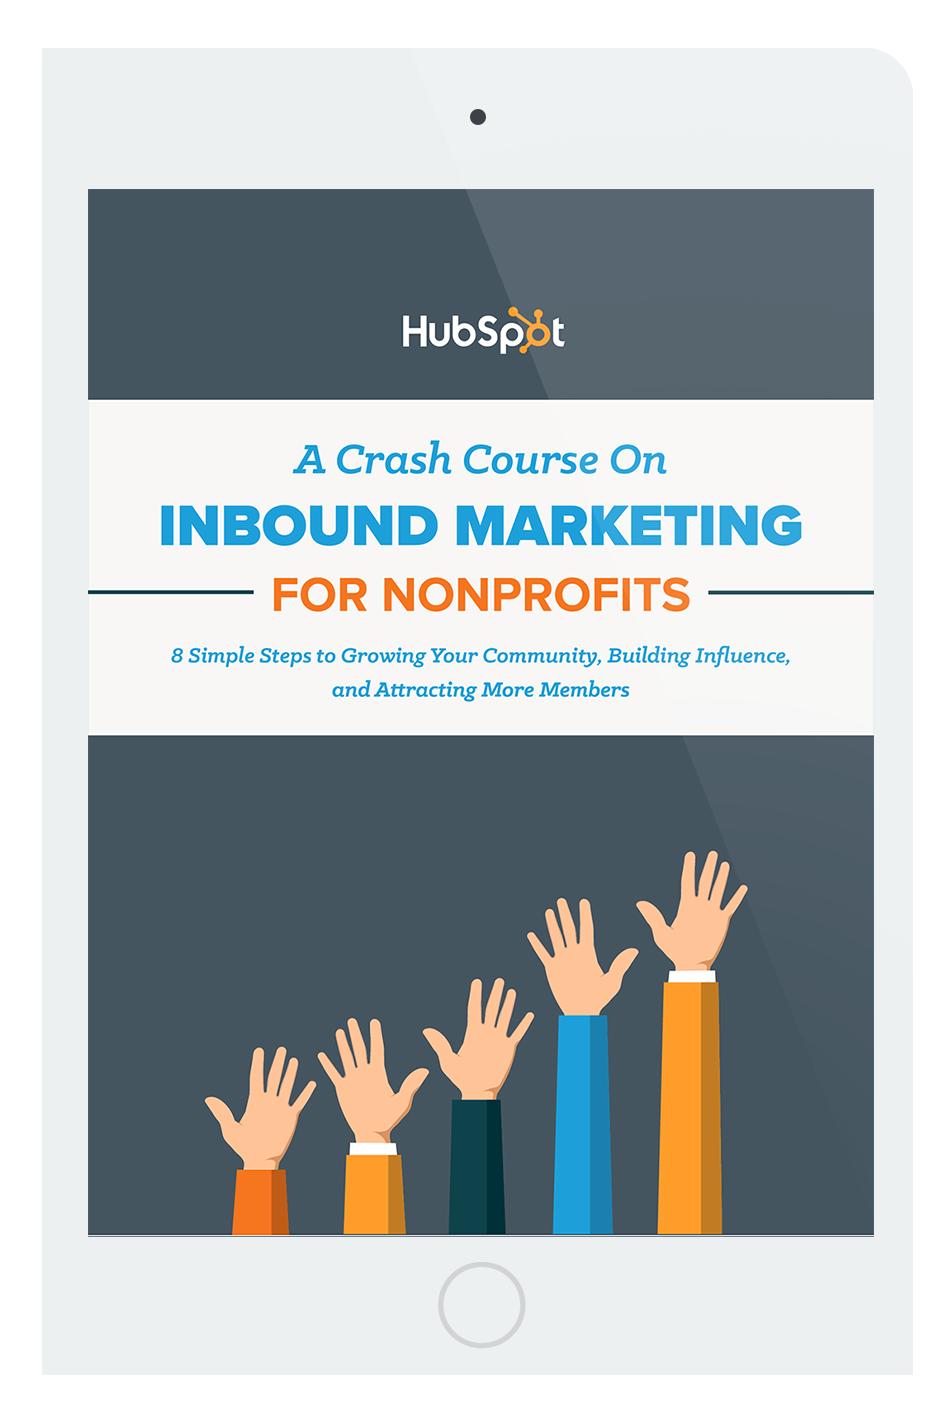 inbound marketing for nonprofits